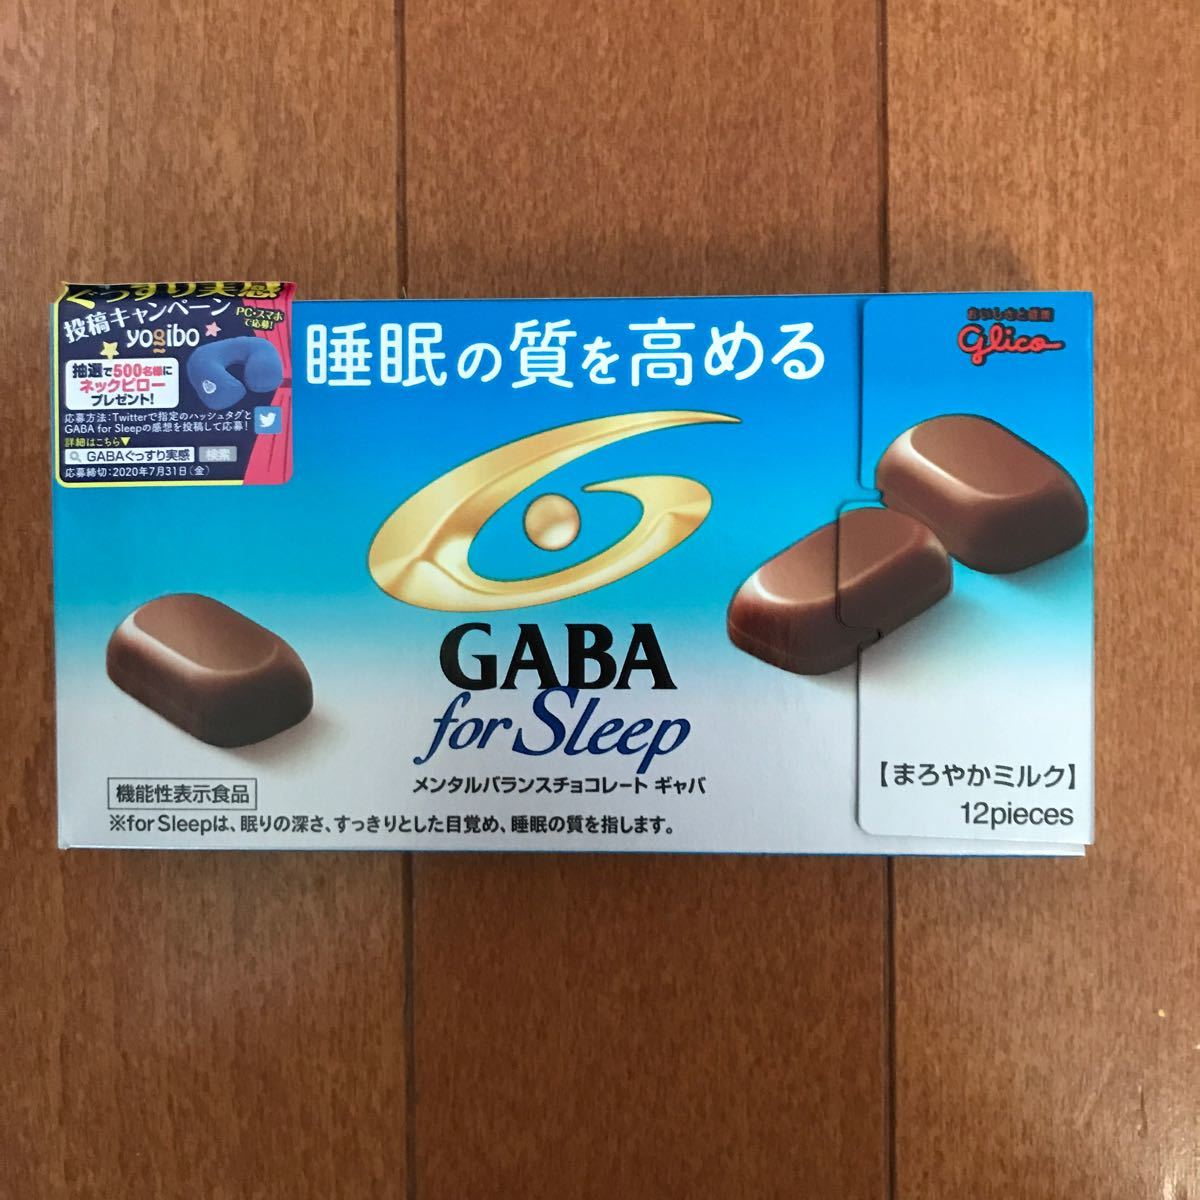 ぐっすり 実感 ギャバ DHCギャバ(GABA)の口コミ【ストレスや睡眠に効果はある?】